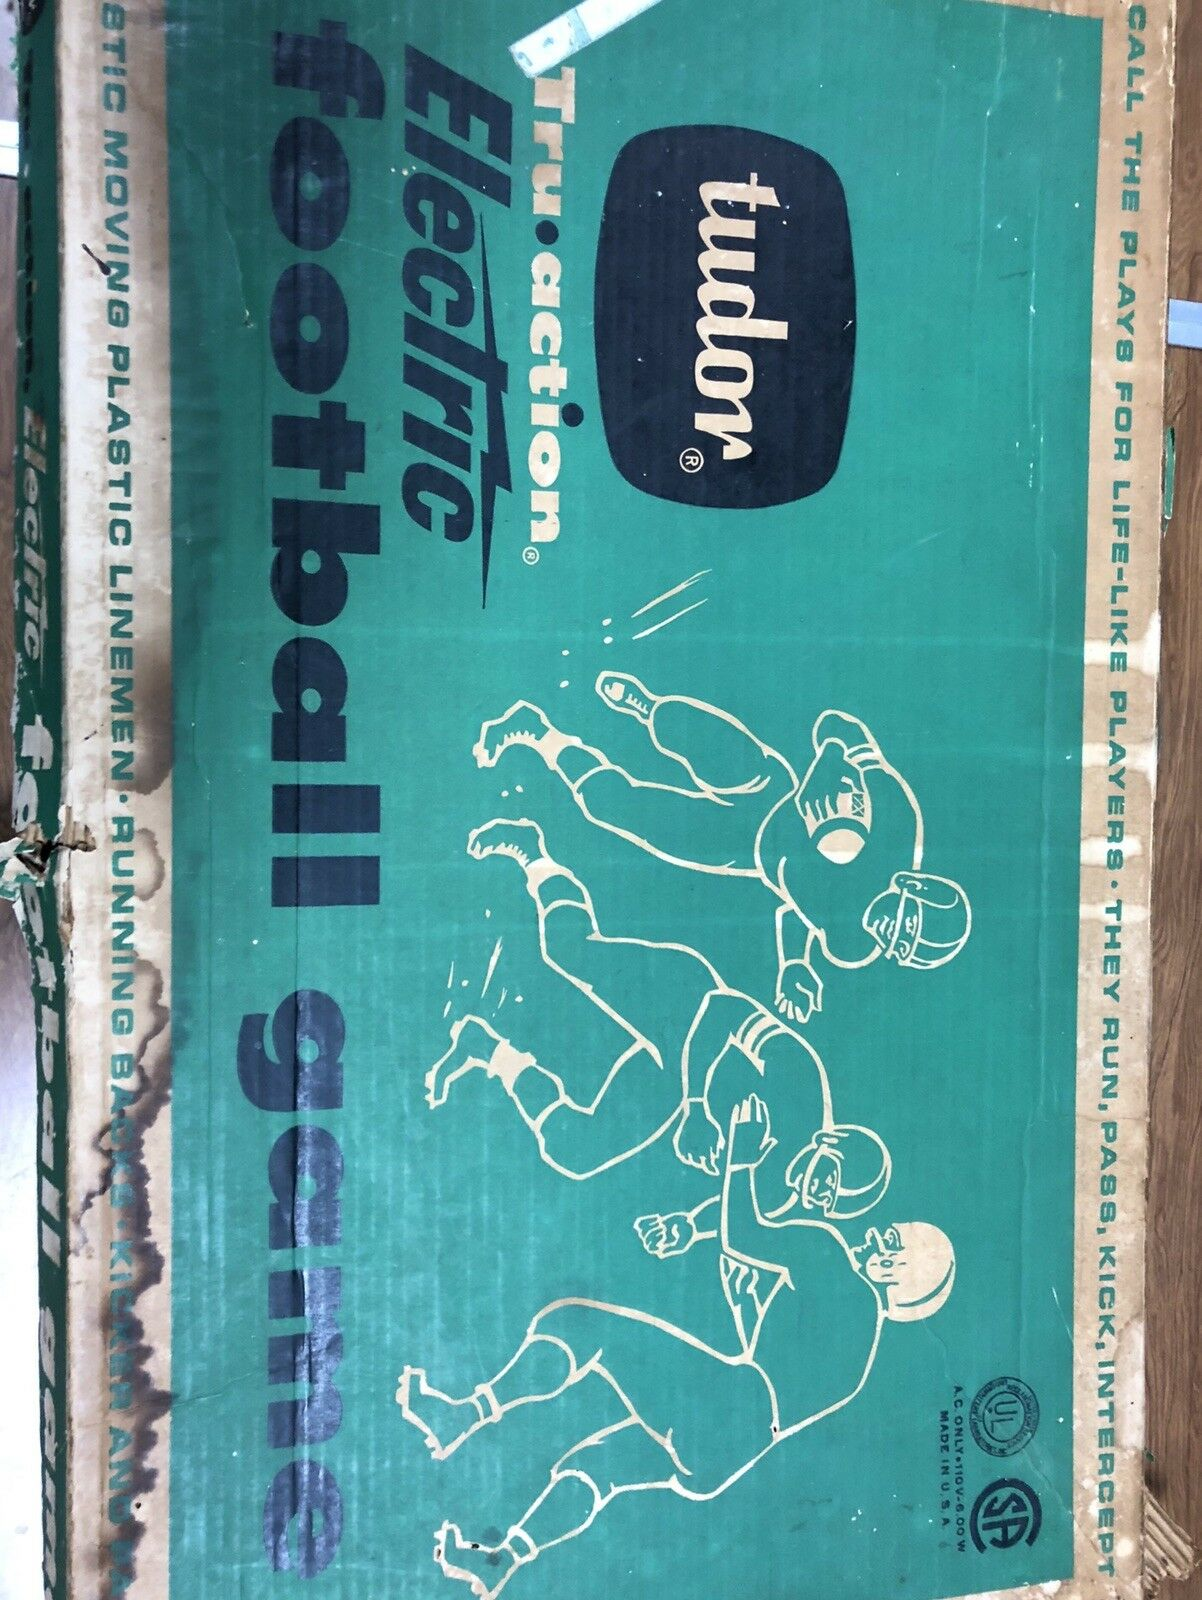 Vintage Tudor Tru acción eléctrico juego de fútbol  500 FS funciona muy bien